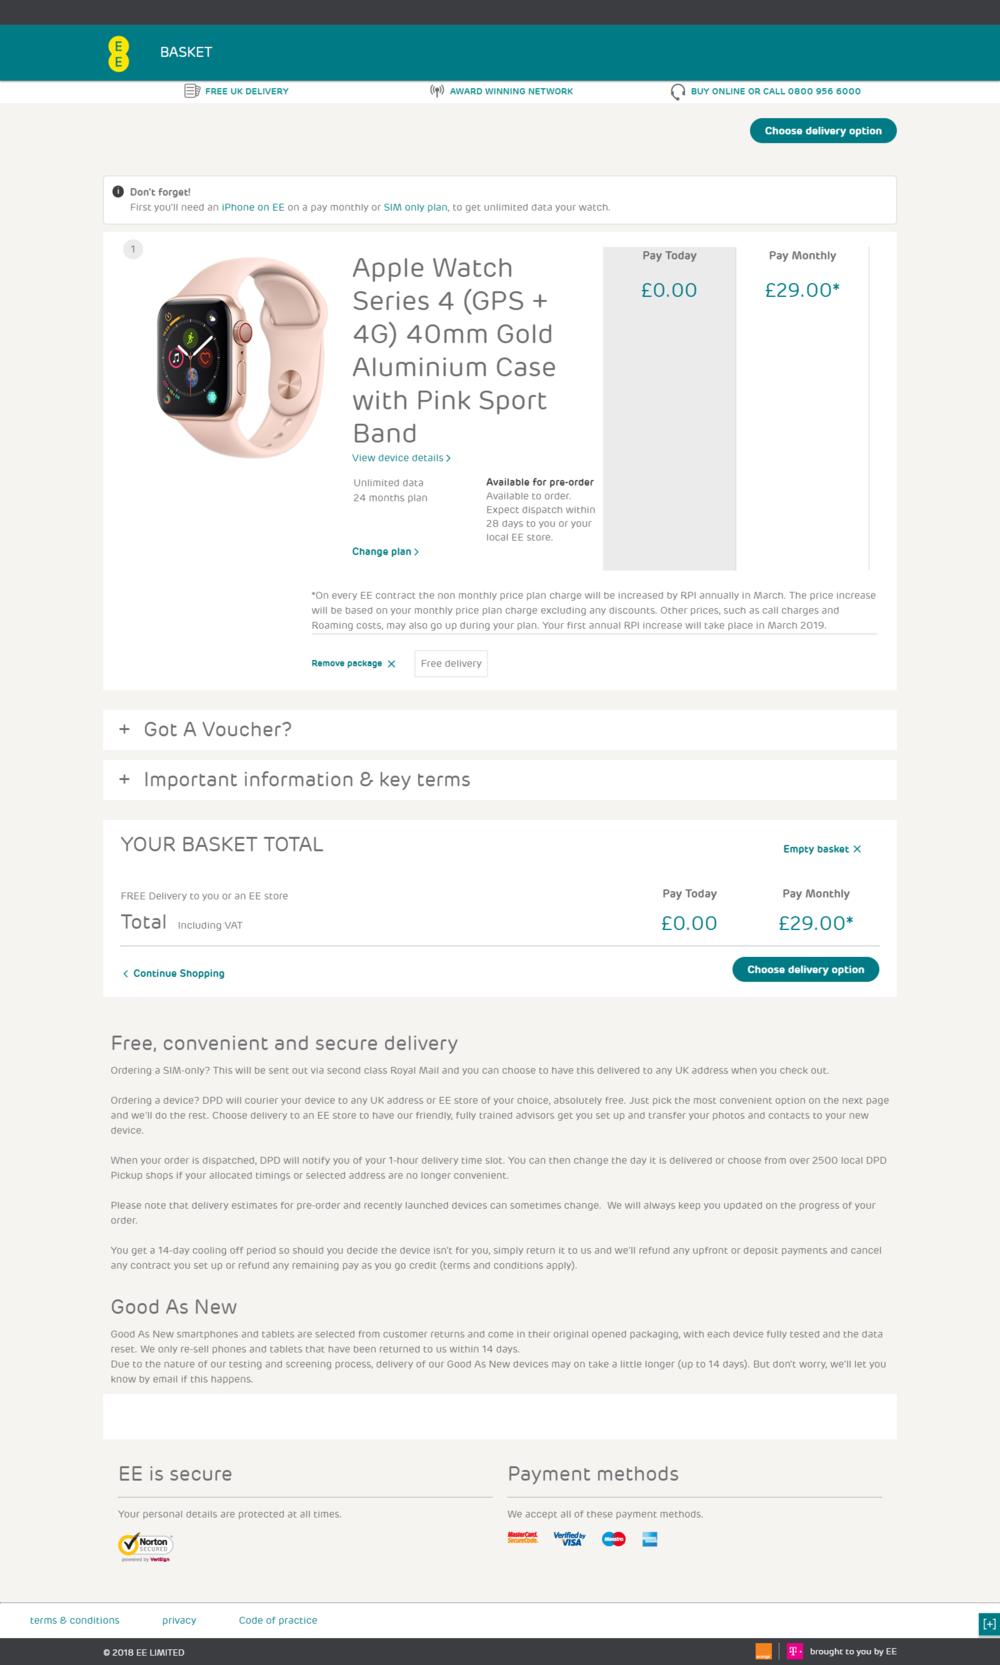 screencapture-shop-ee-co-uk-cart-2018-09-18-10_13_15.png